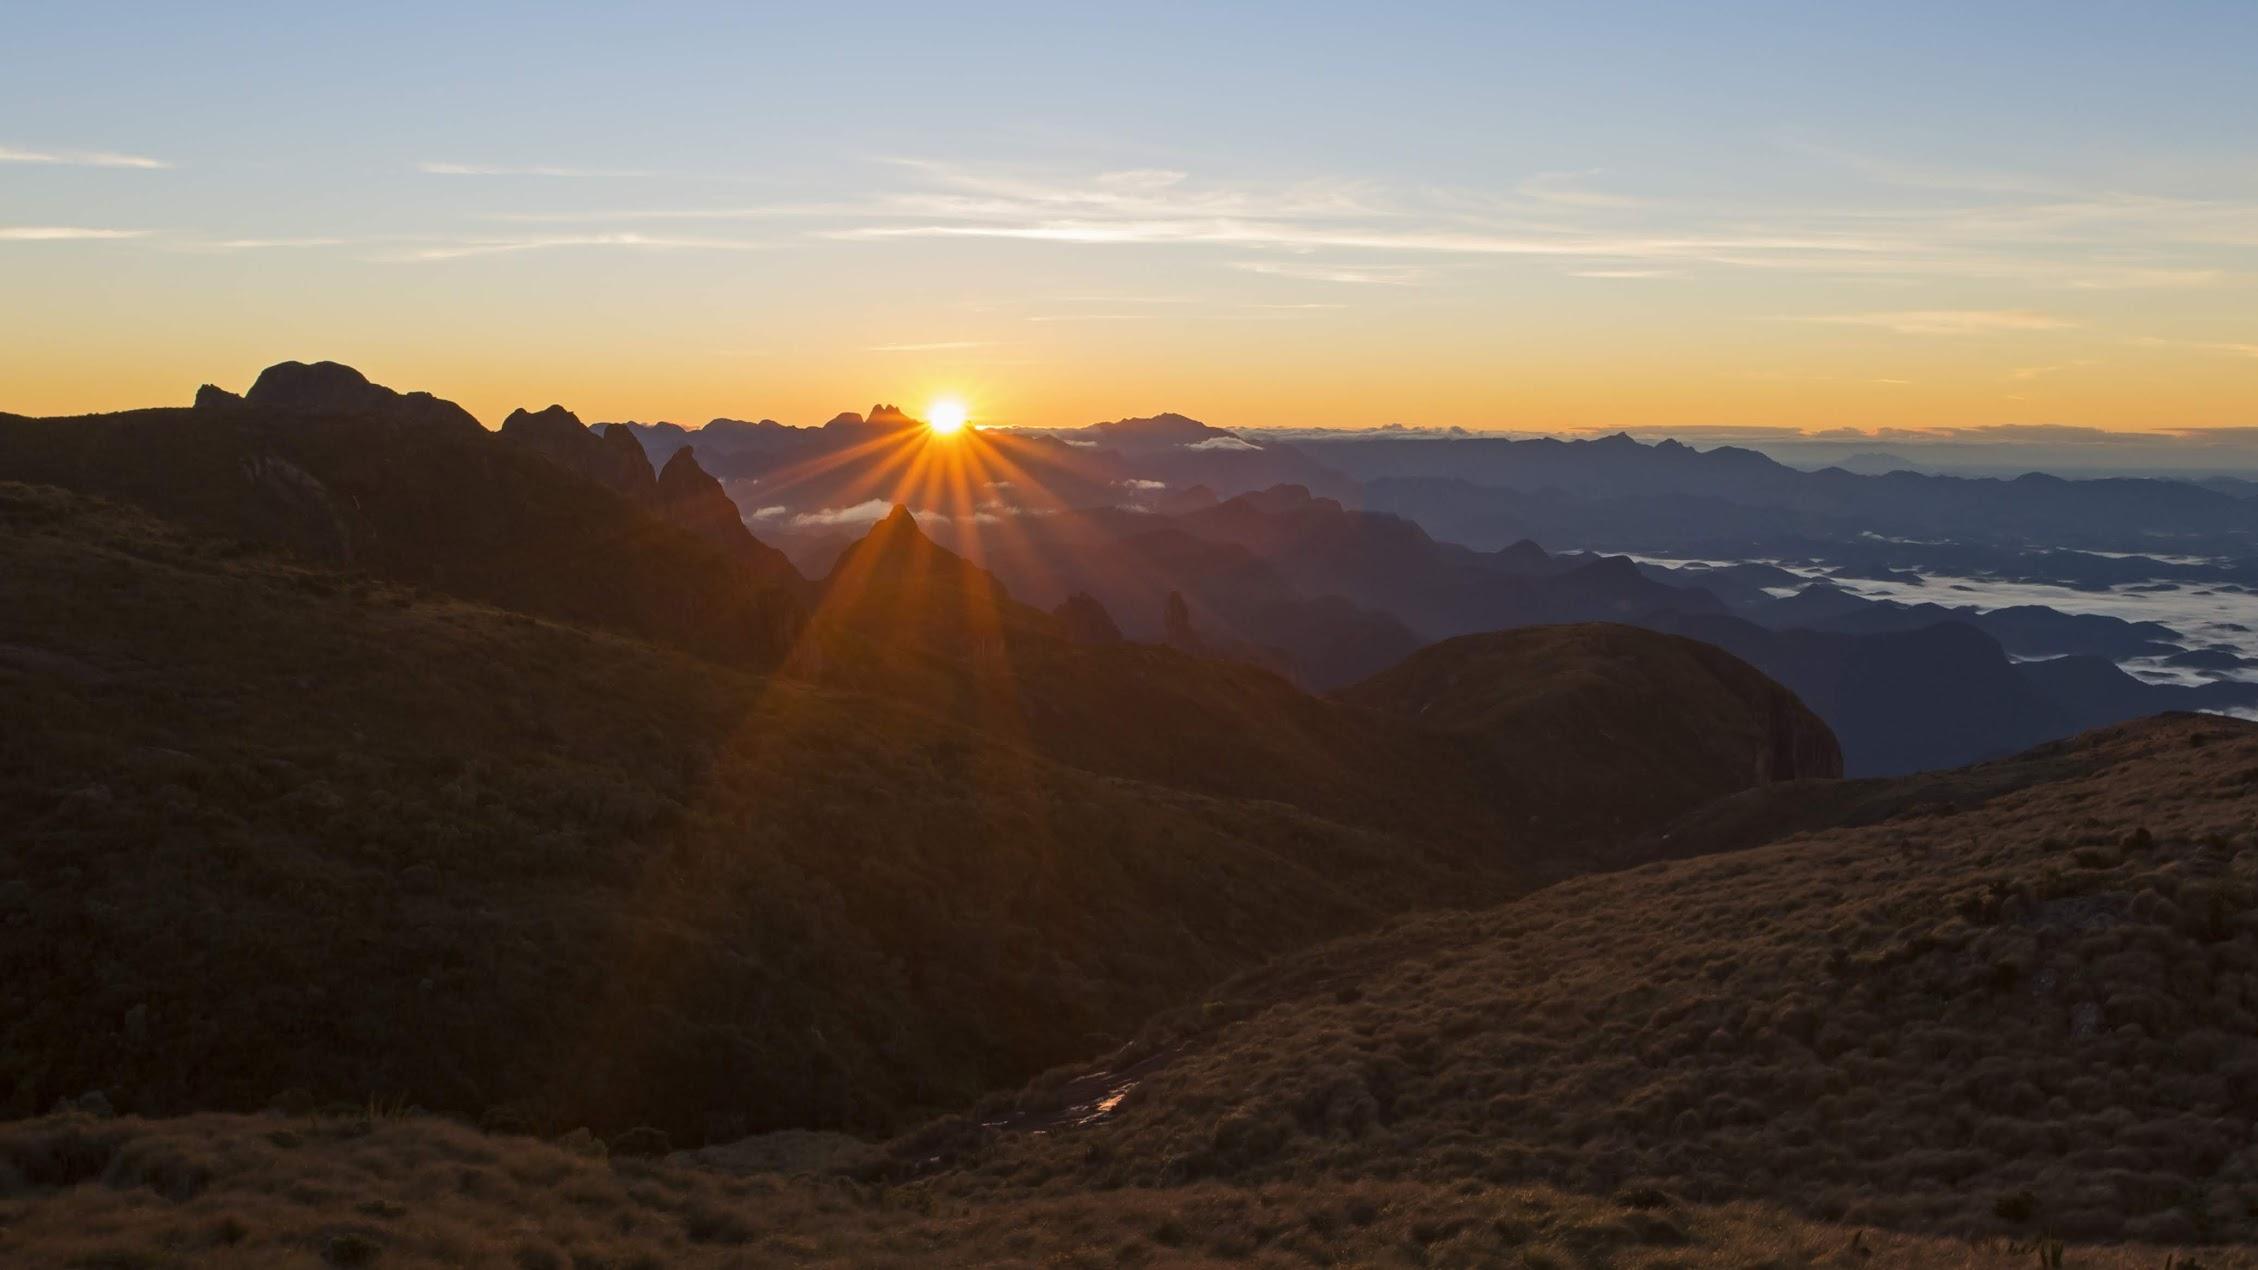 wp-content/uploads/itineraries/Brazil/Serra-dos-orgaos-1.jpg